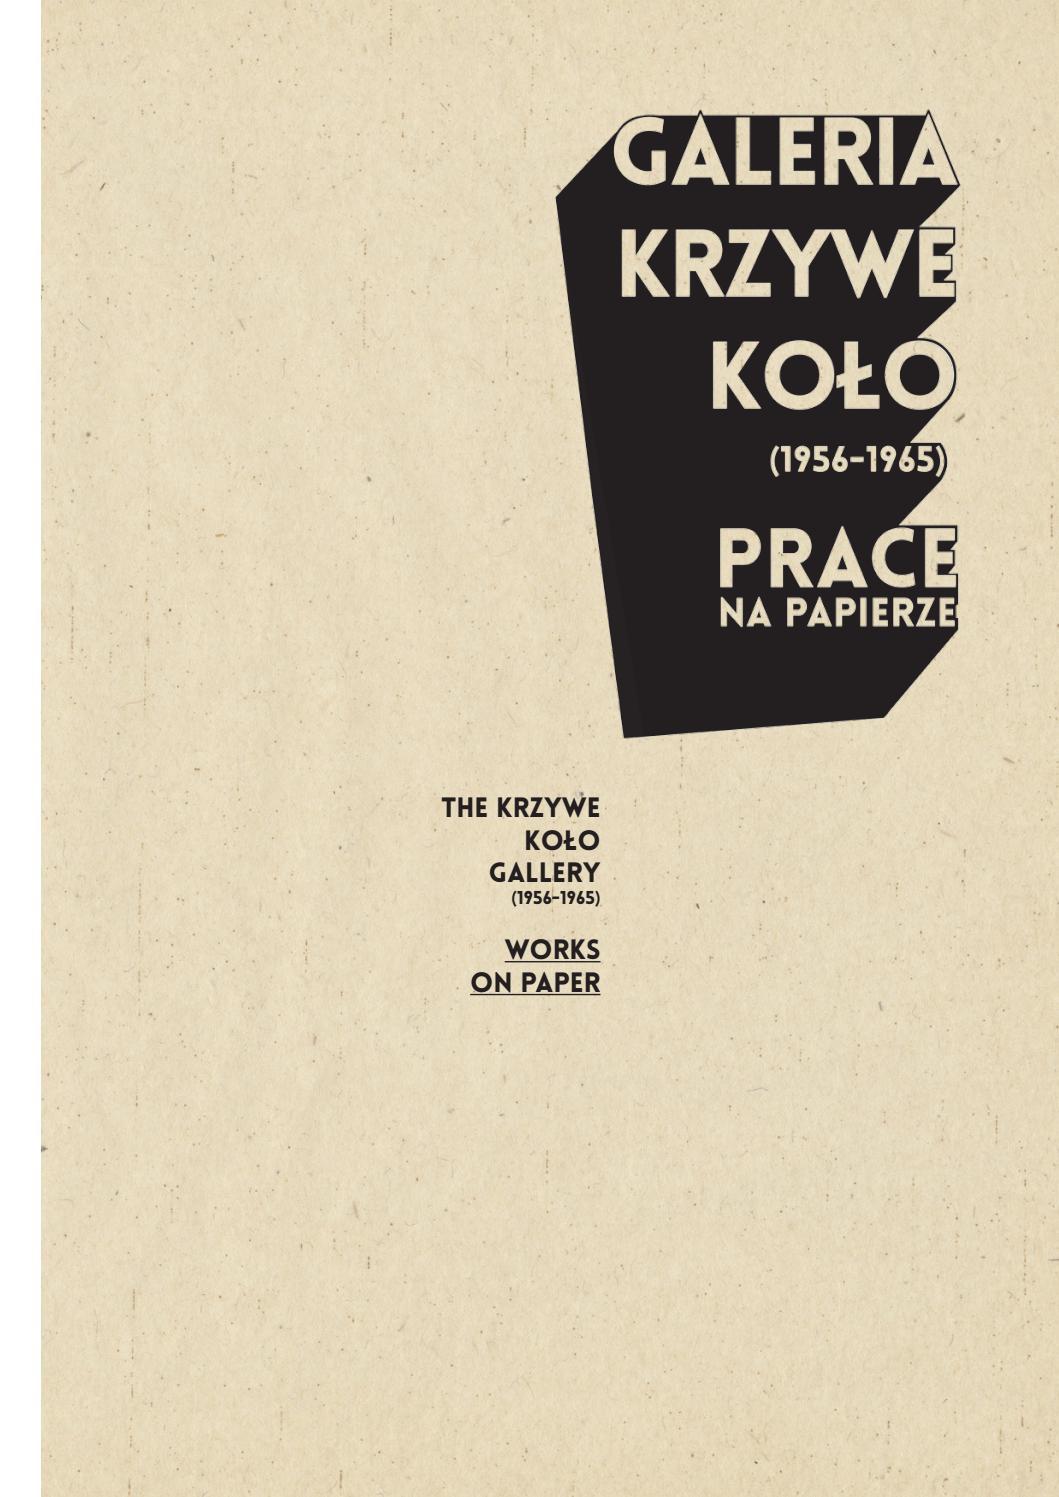 Galeria Krzywe Koło Prace Na Papierze By Darek Adamski Issuu